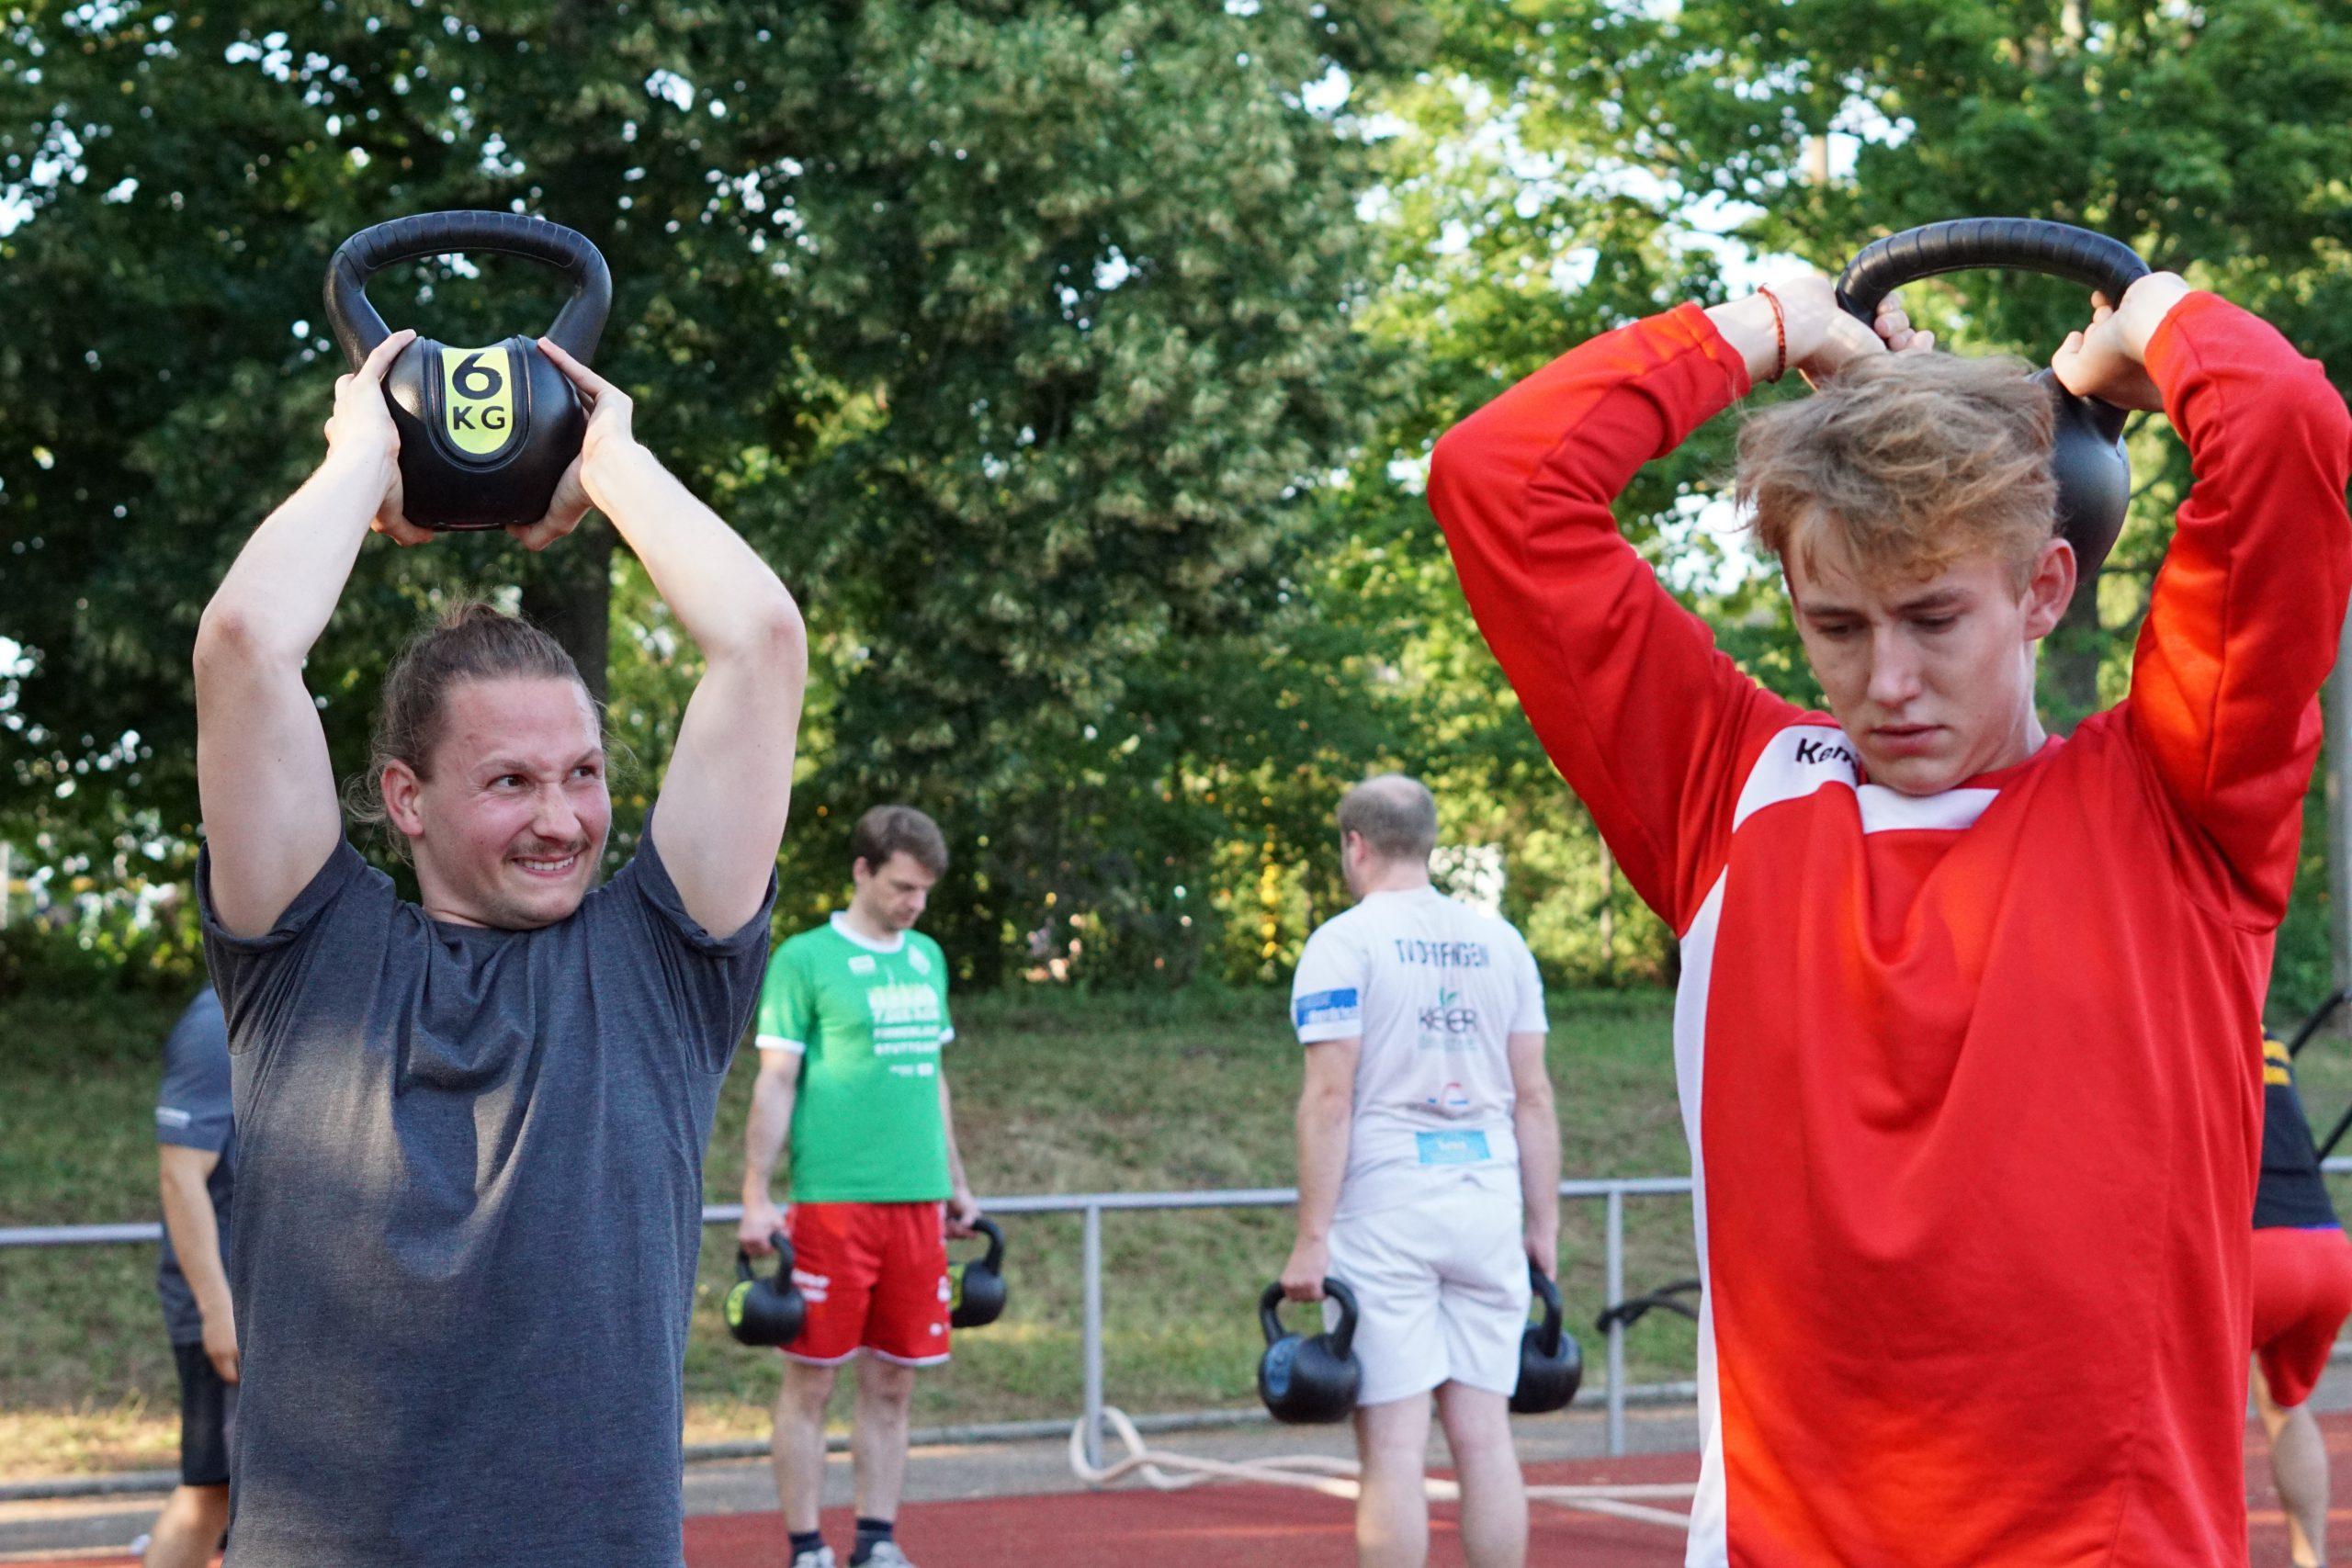 Gruppe Handballer bei einer Übung mit Kettlebells